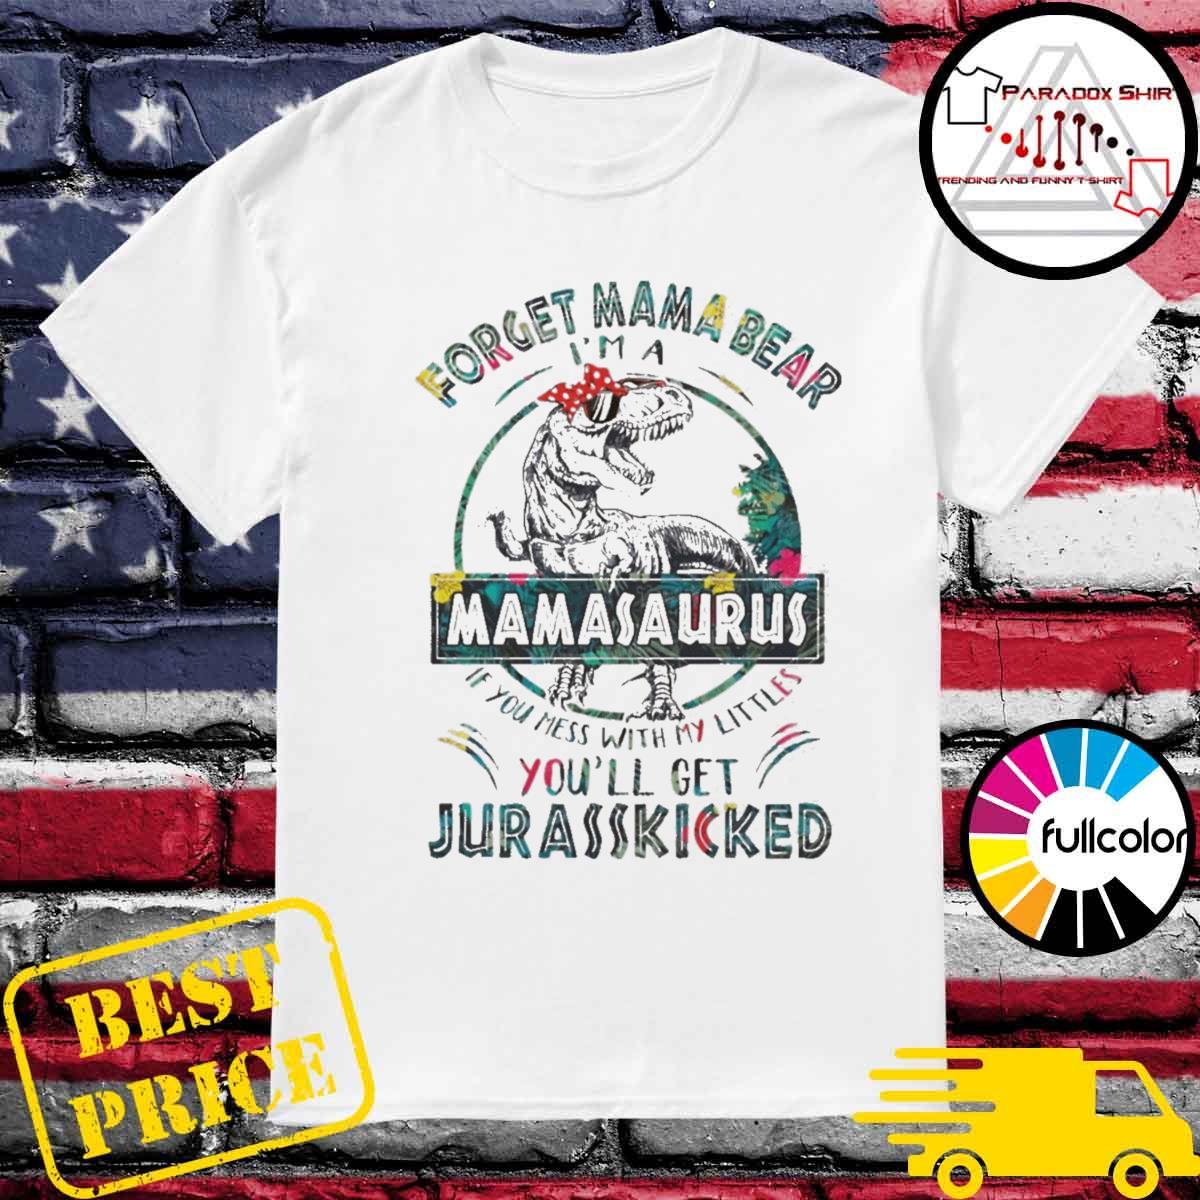 Dinosaurs forget mama bear I'm a mamasaurus shirt